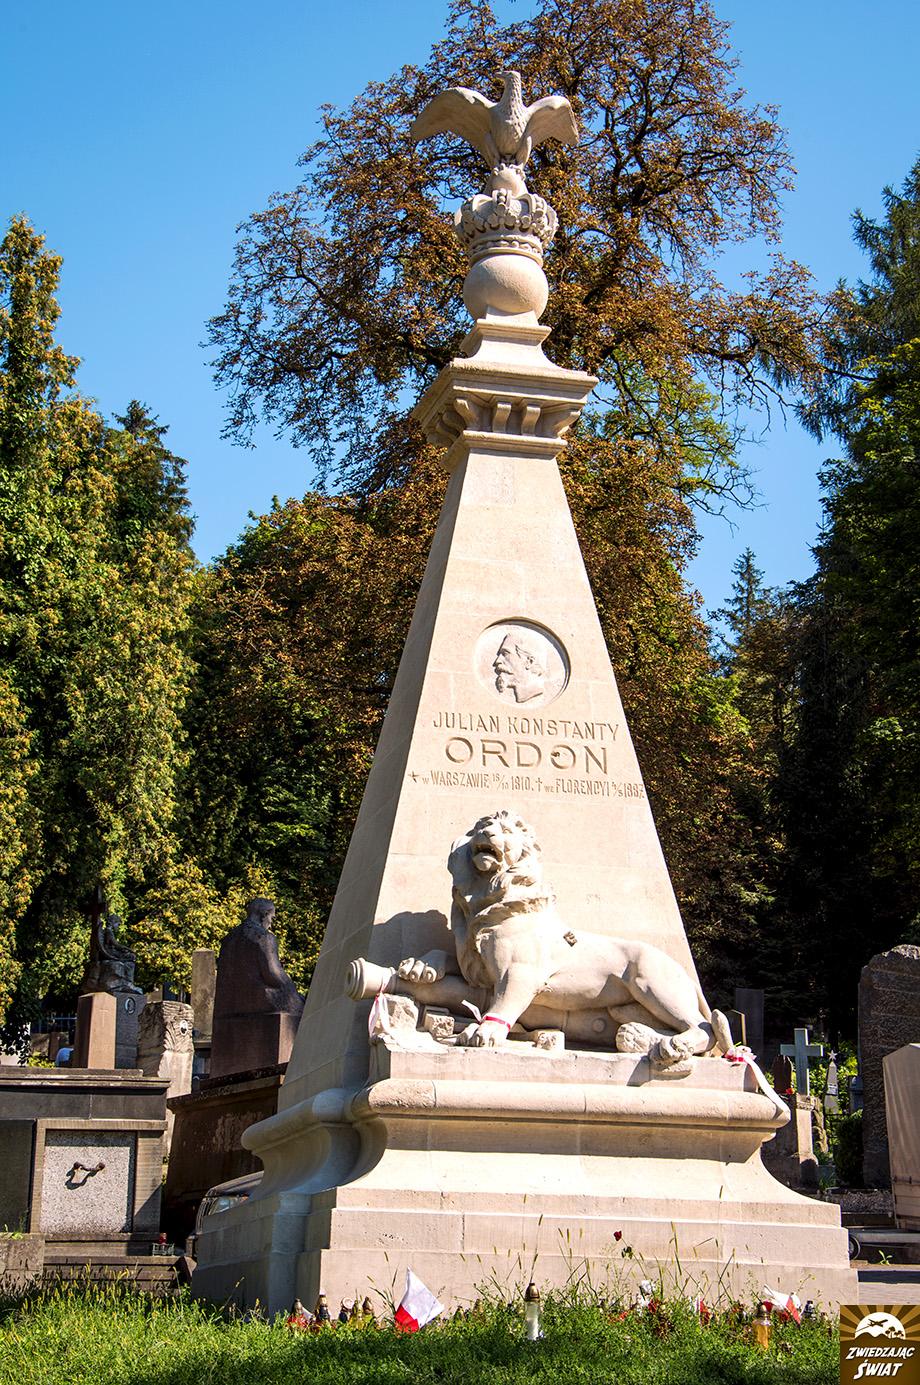 pomnik poświęcony XIX-wiecznemu bohaterowi narodowemu Polski J.K. Ordonowi